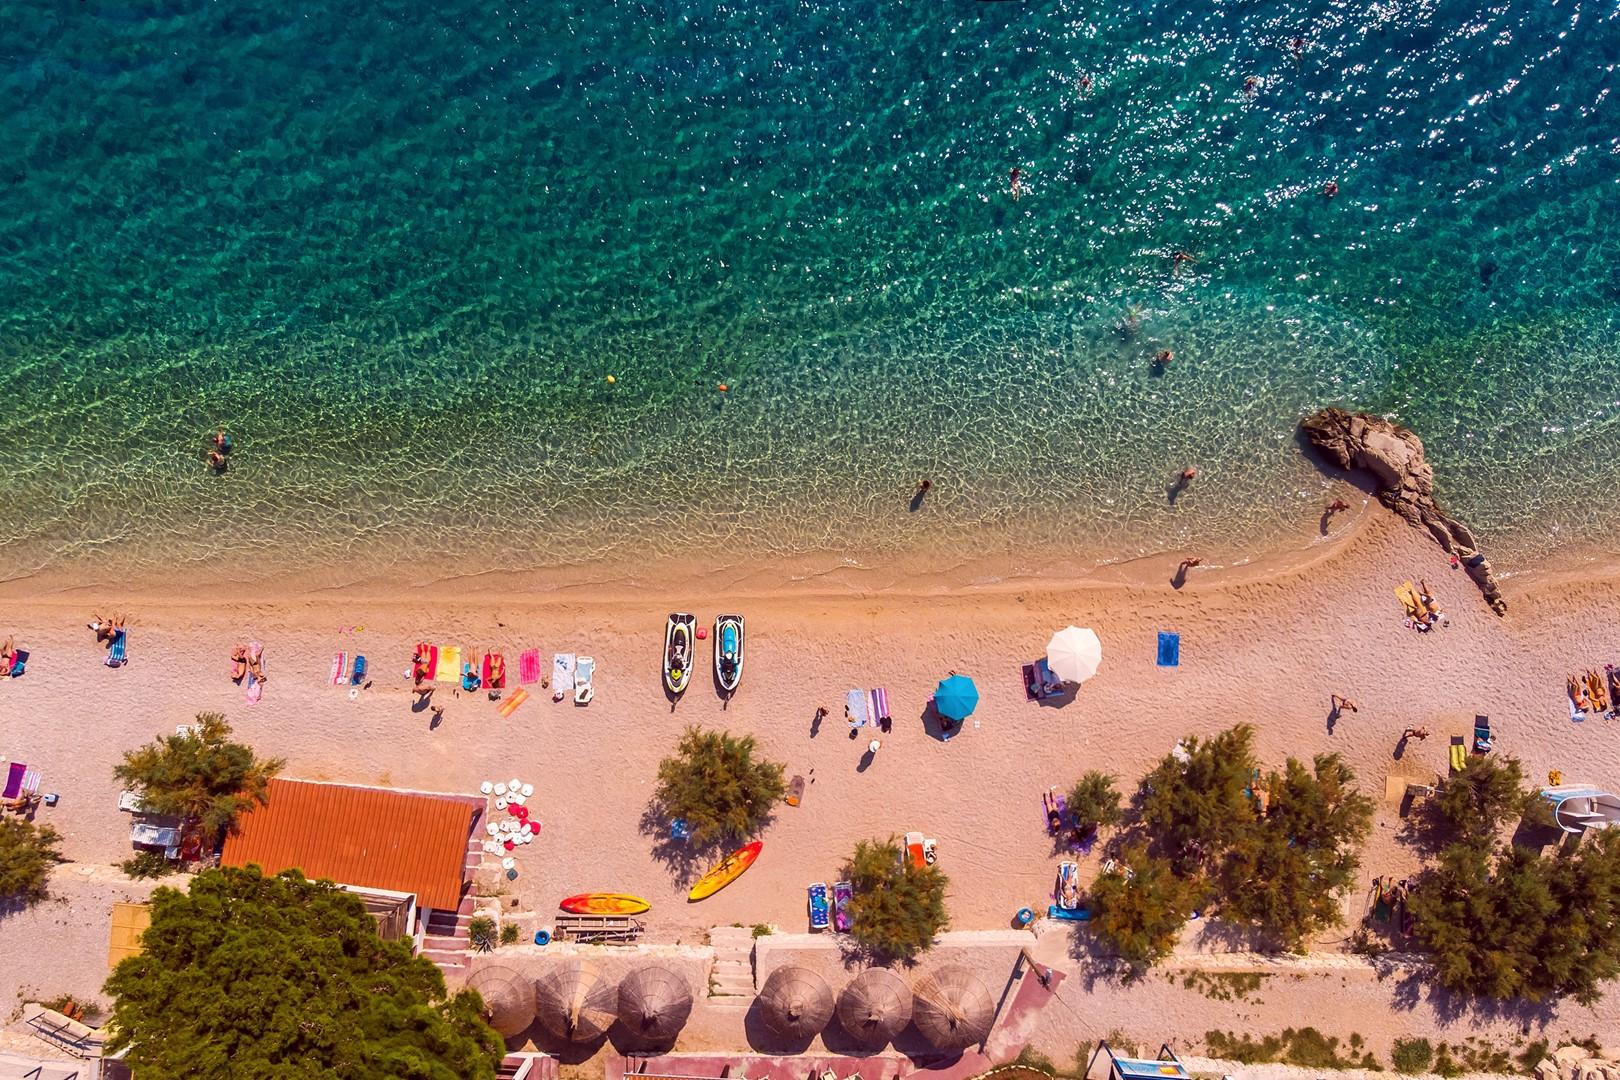 Ferienhaus Privater Pool 3,5 x 8,6 m, überdachter Essbereich im Freien, kostenloses WLAN, voll - klim (2663850), Kostanje, , Dalmatien, Kroatien, Bild 32